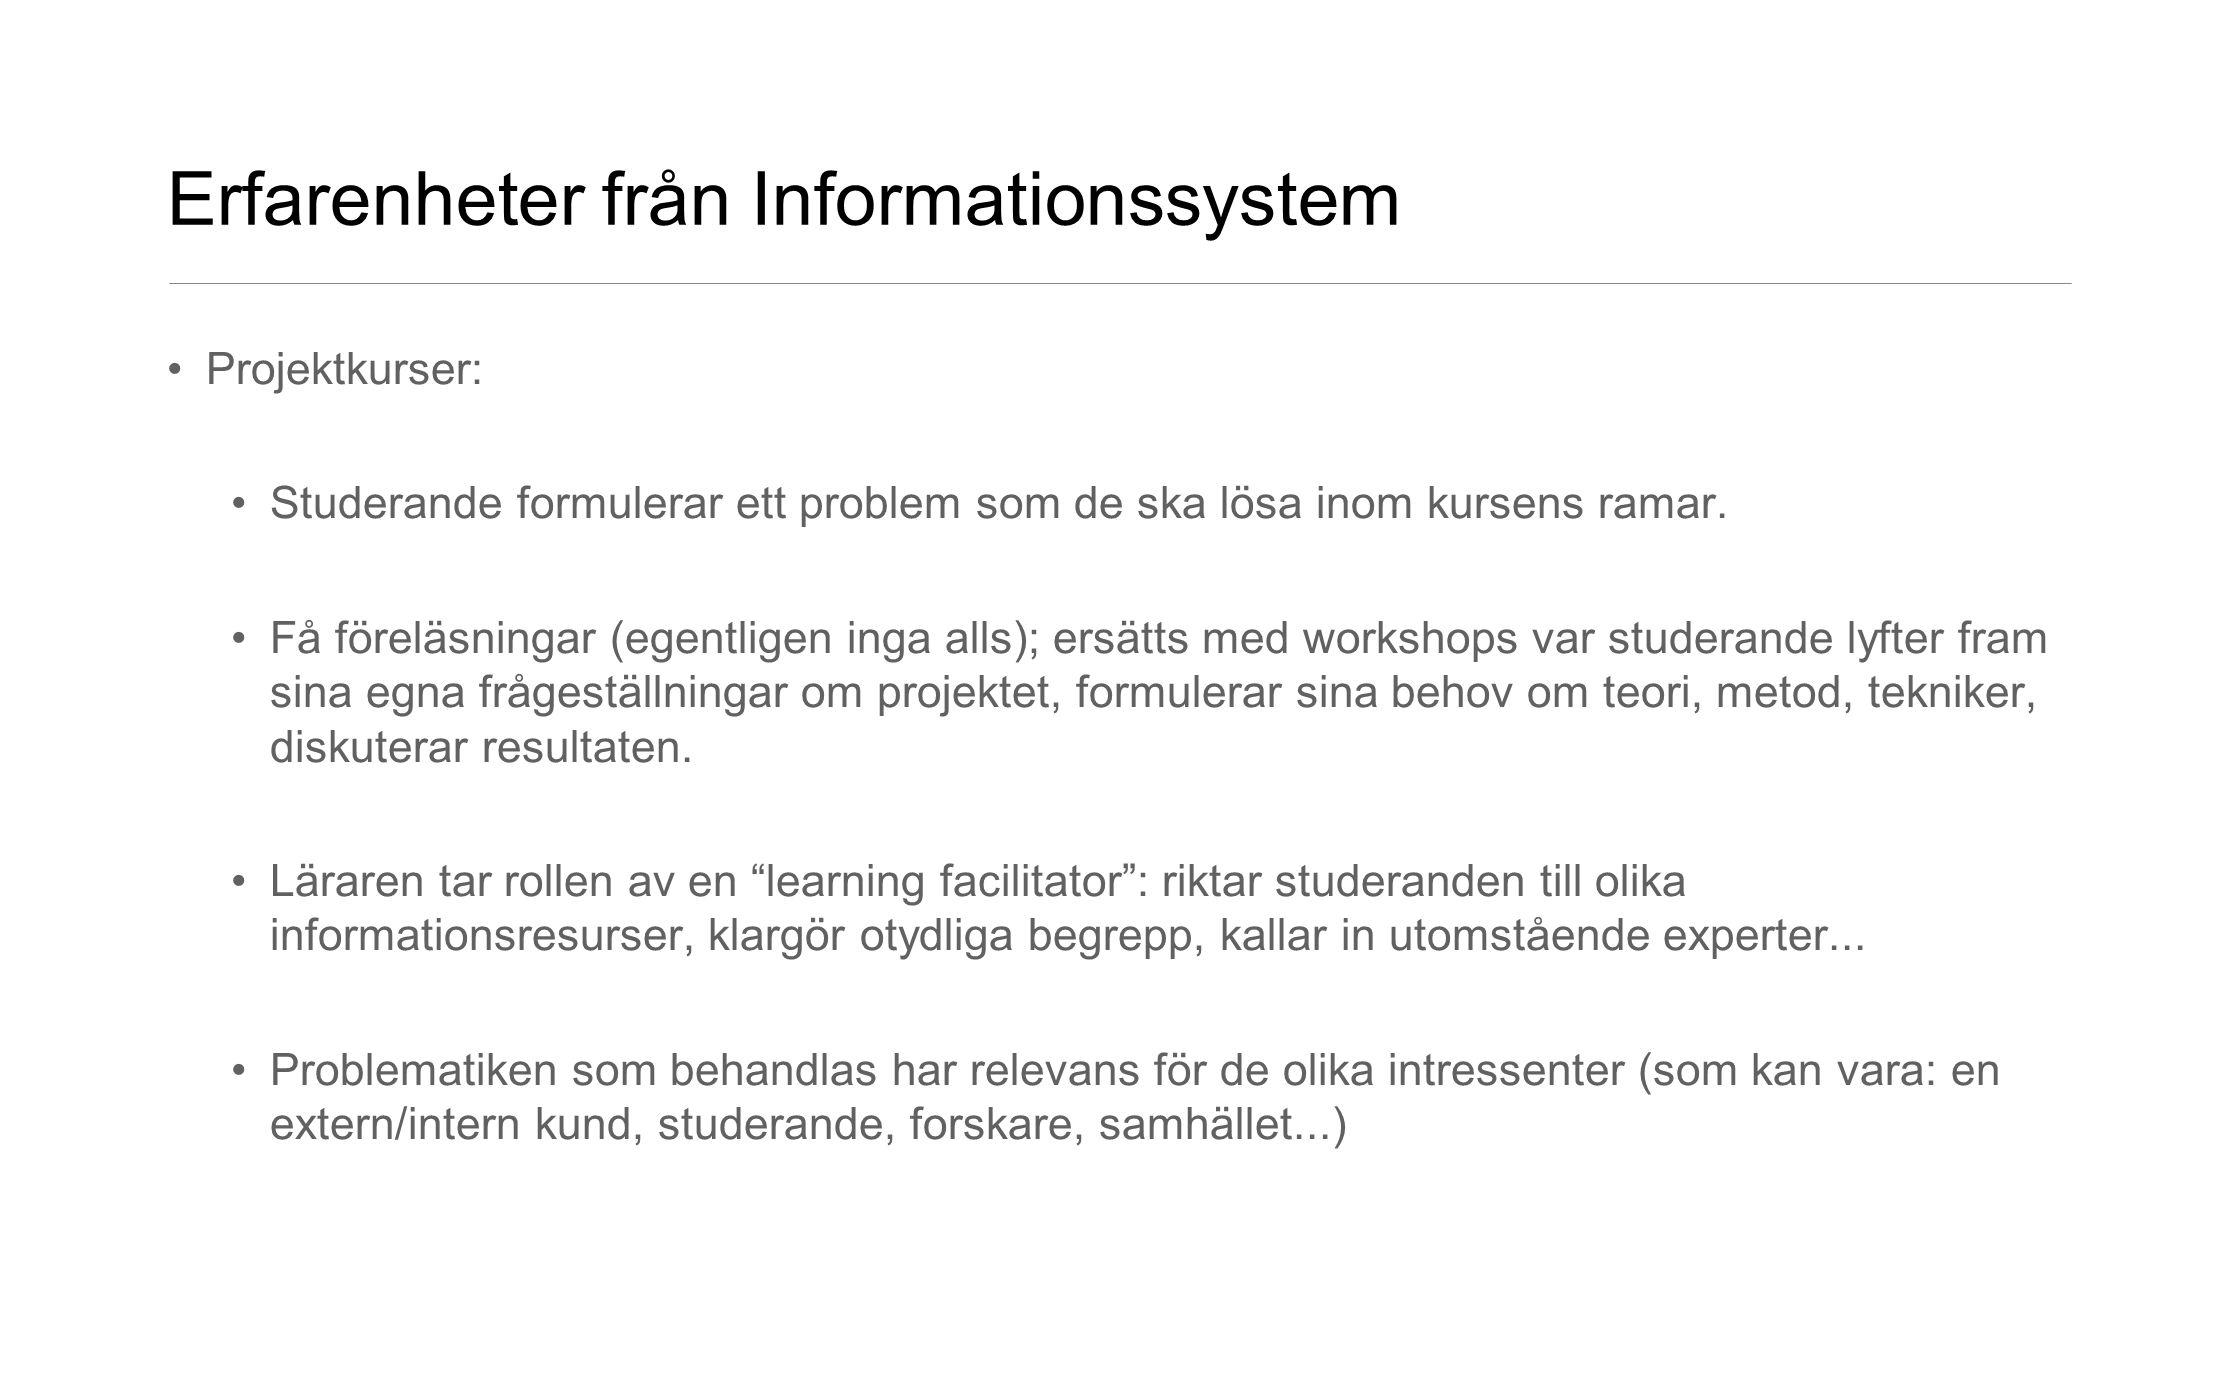 Erfarenheter från Informationssystem